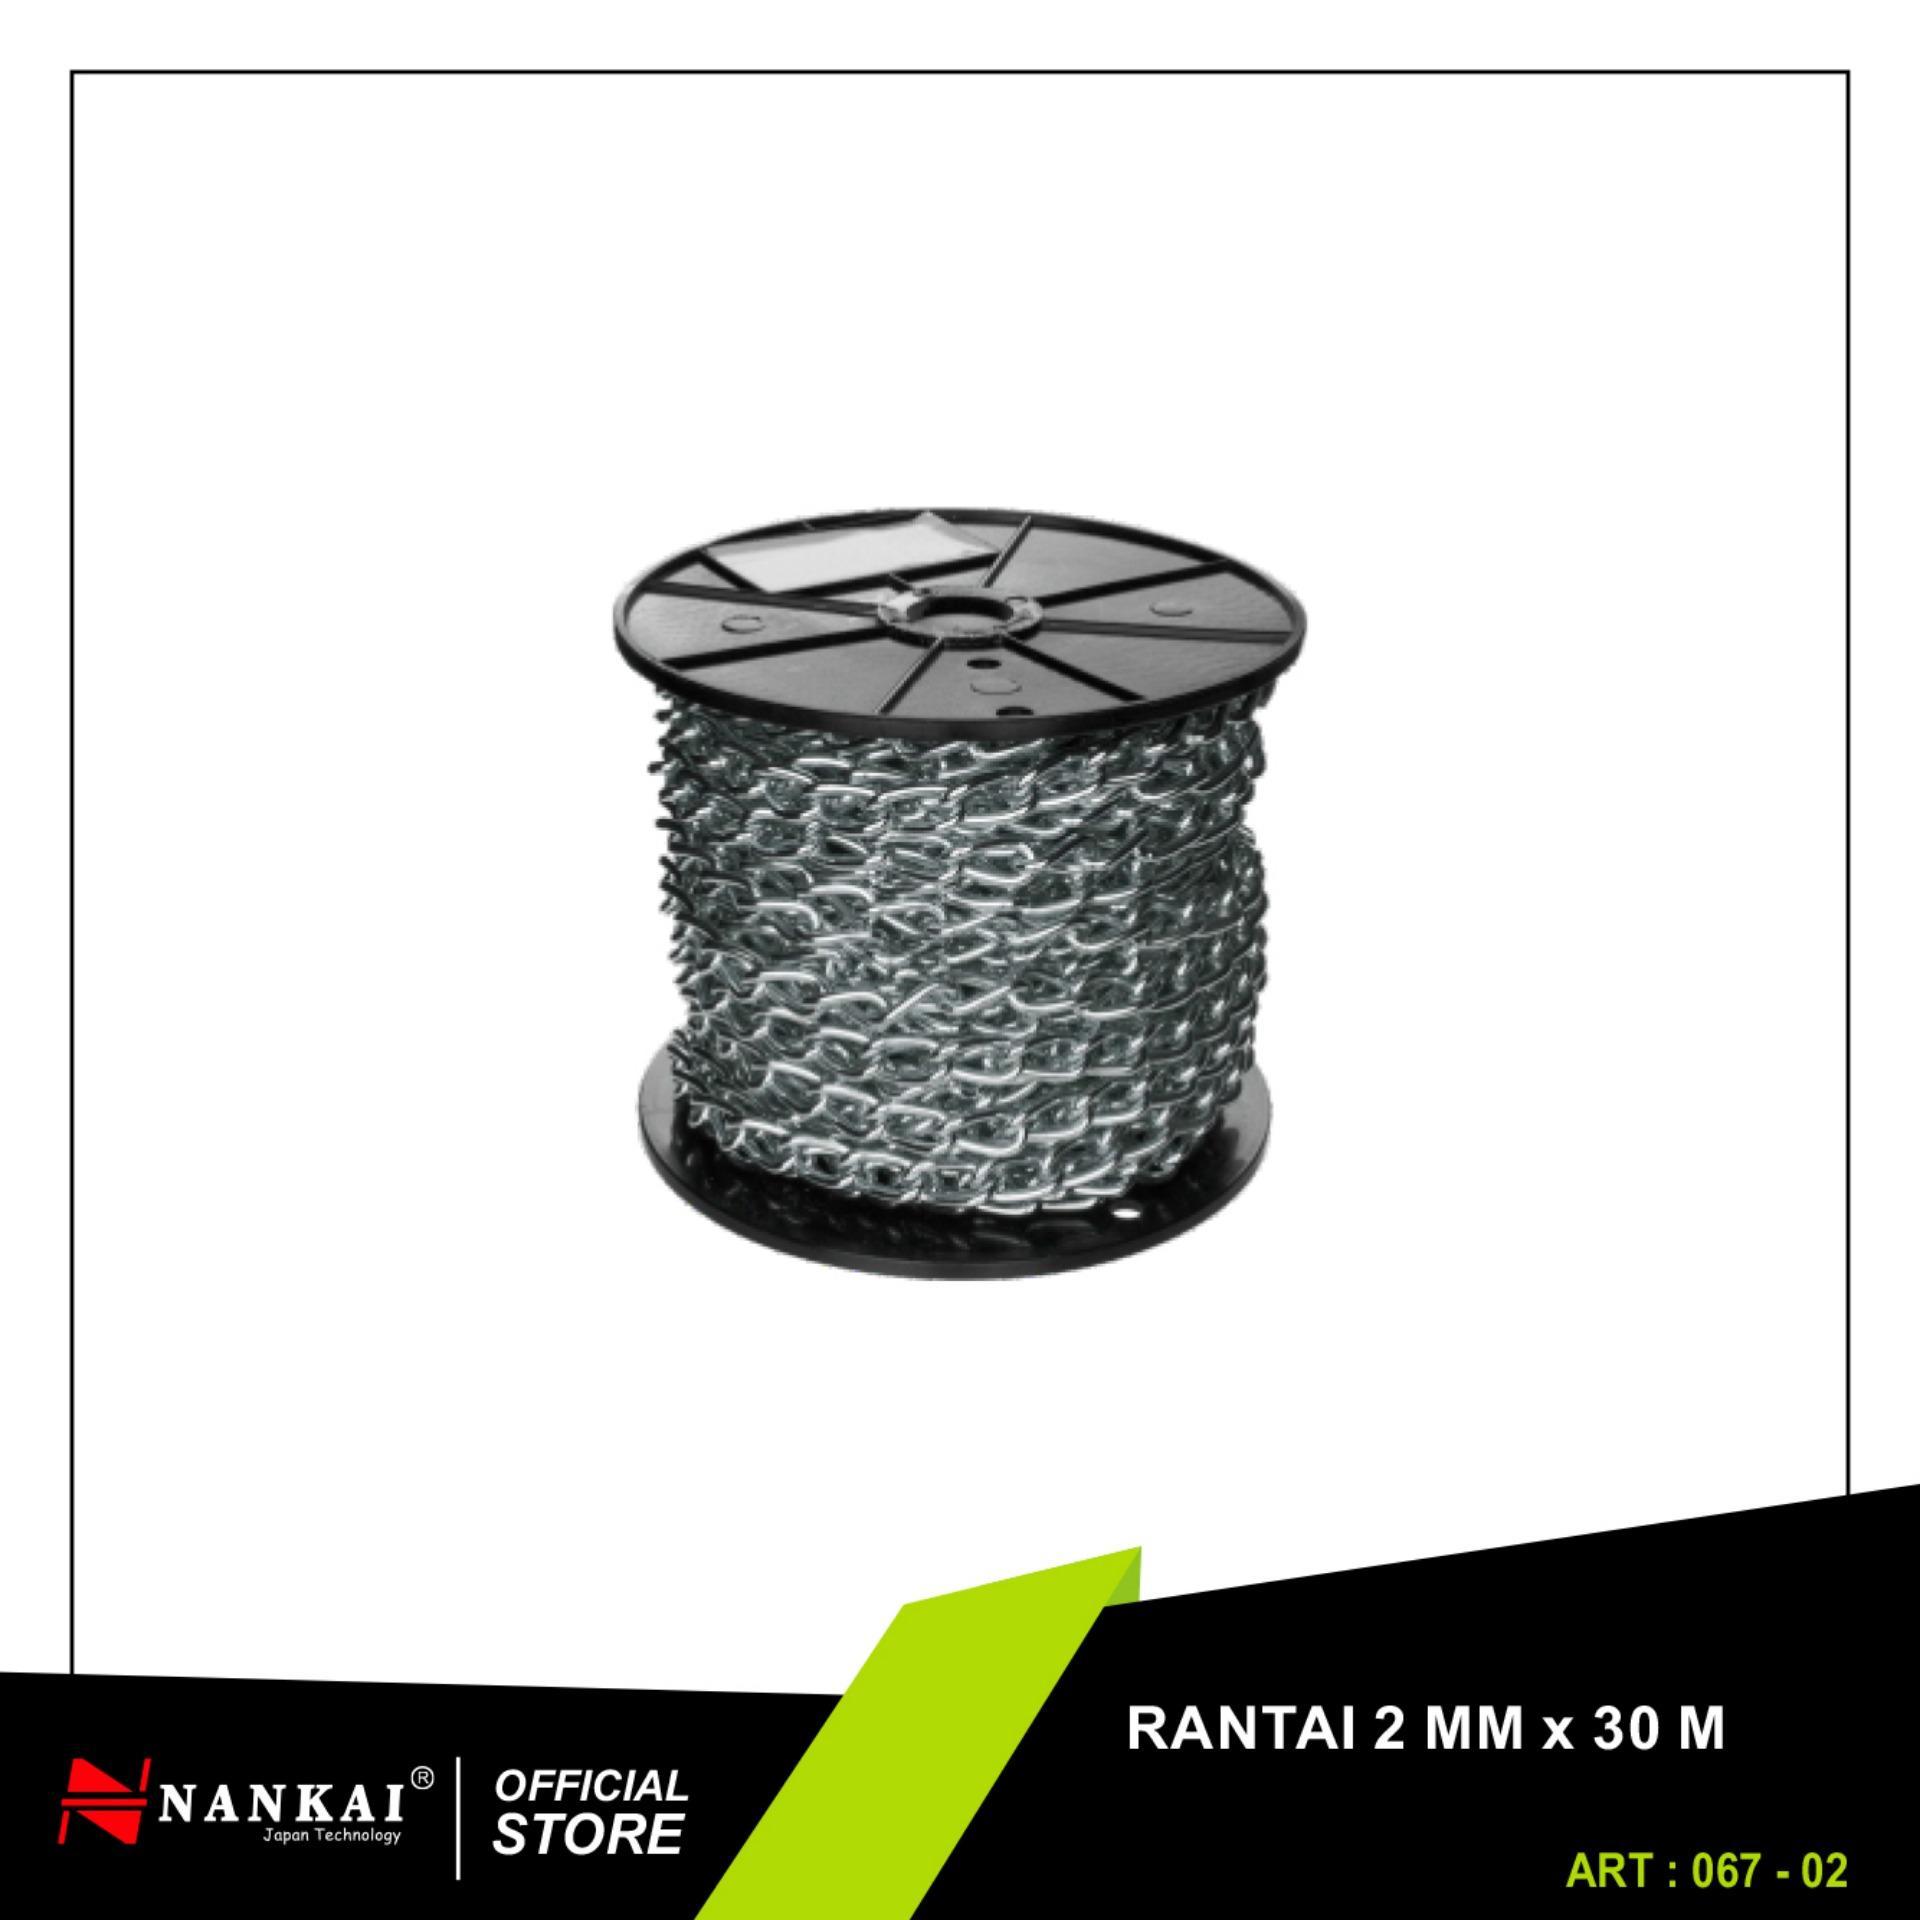 ... Nankai Rantai Besi Galvanis Meteran Gulungan 2mm x 30m Galvanis Metal Chain Perkakas Tool